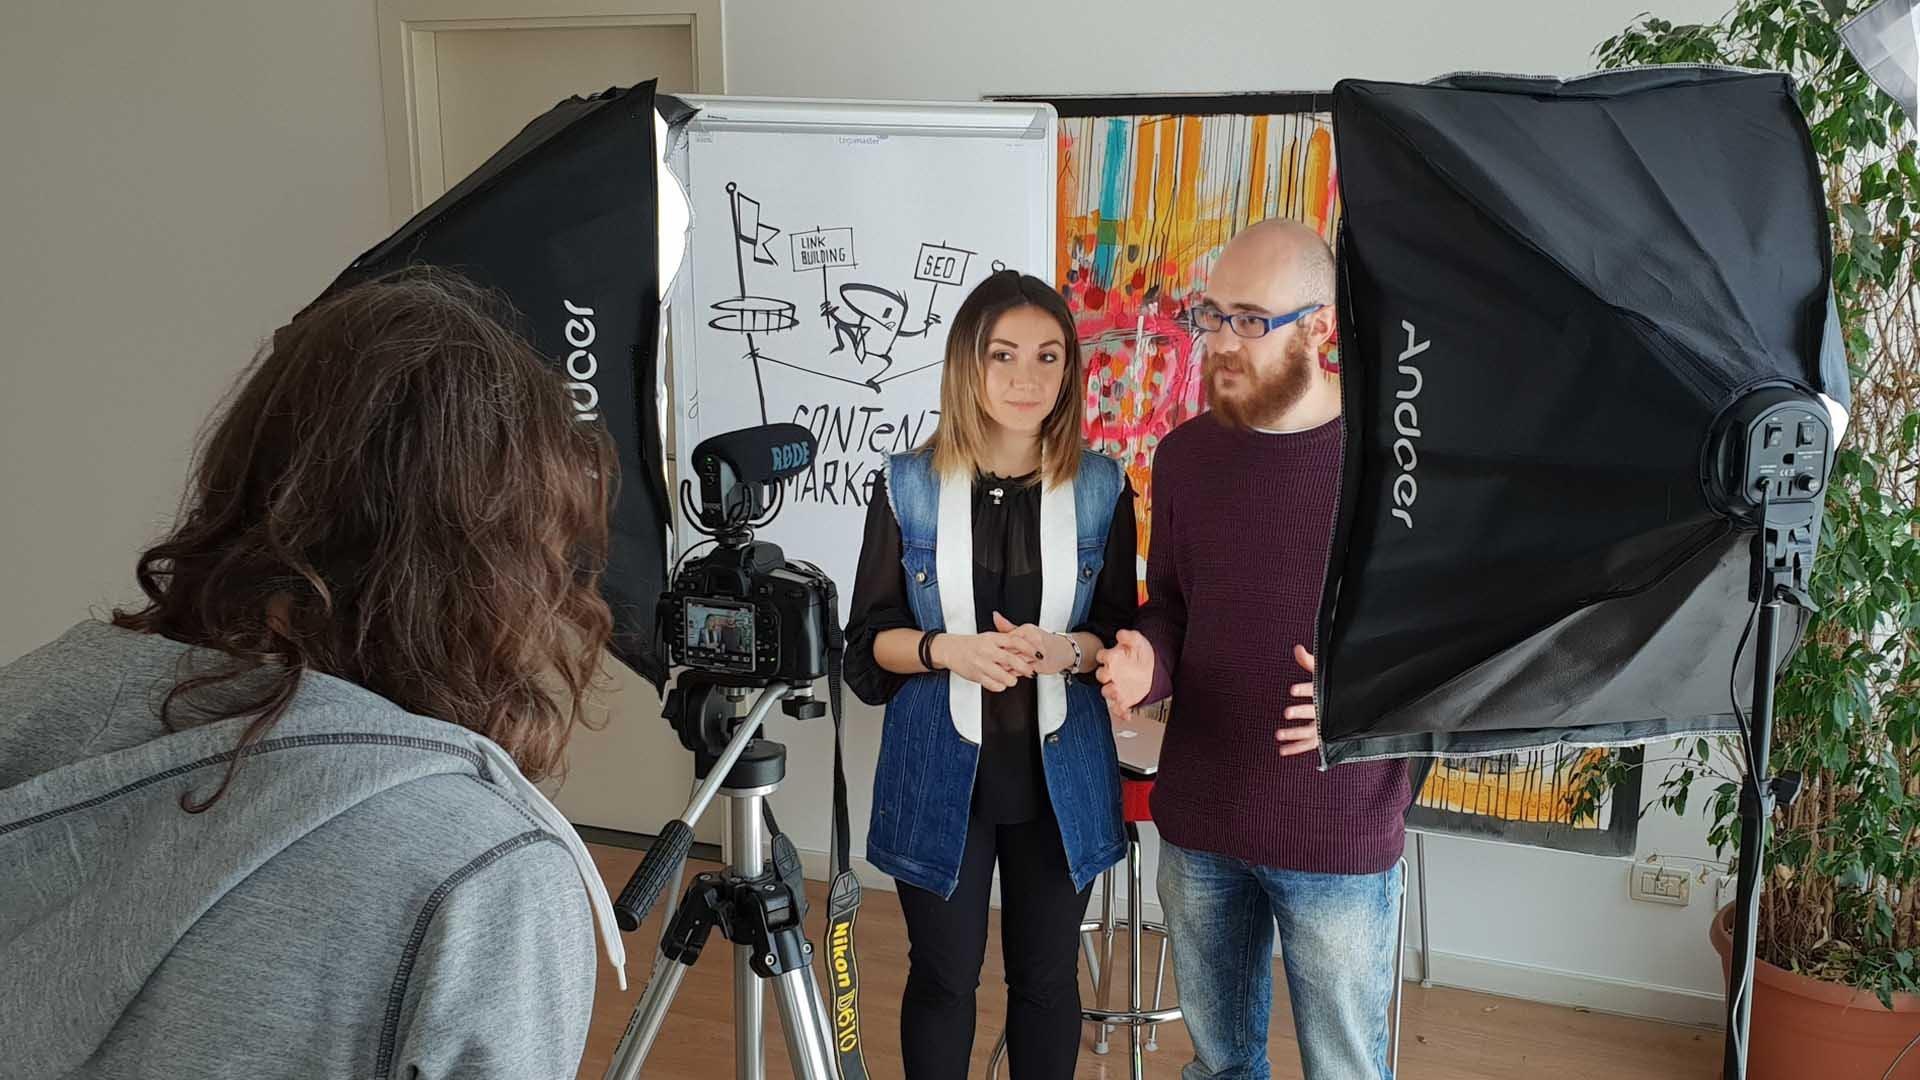 Lead Generation Marketing con Inbound - Crea degli Help Video utili agli utenti